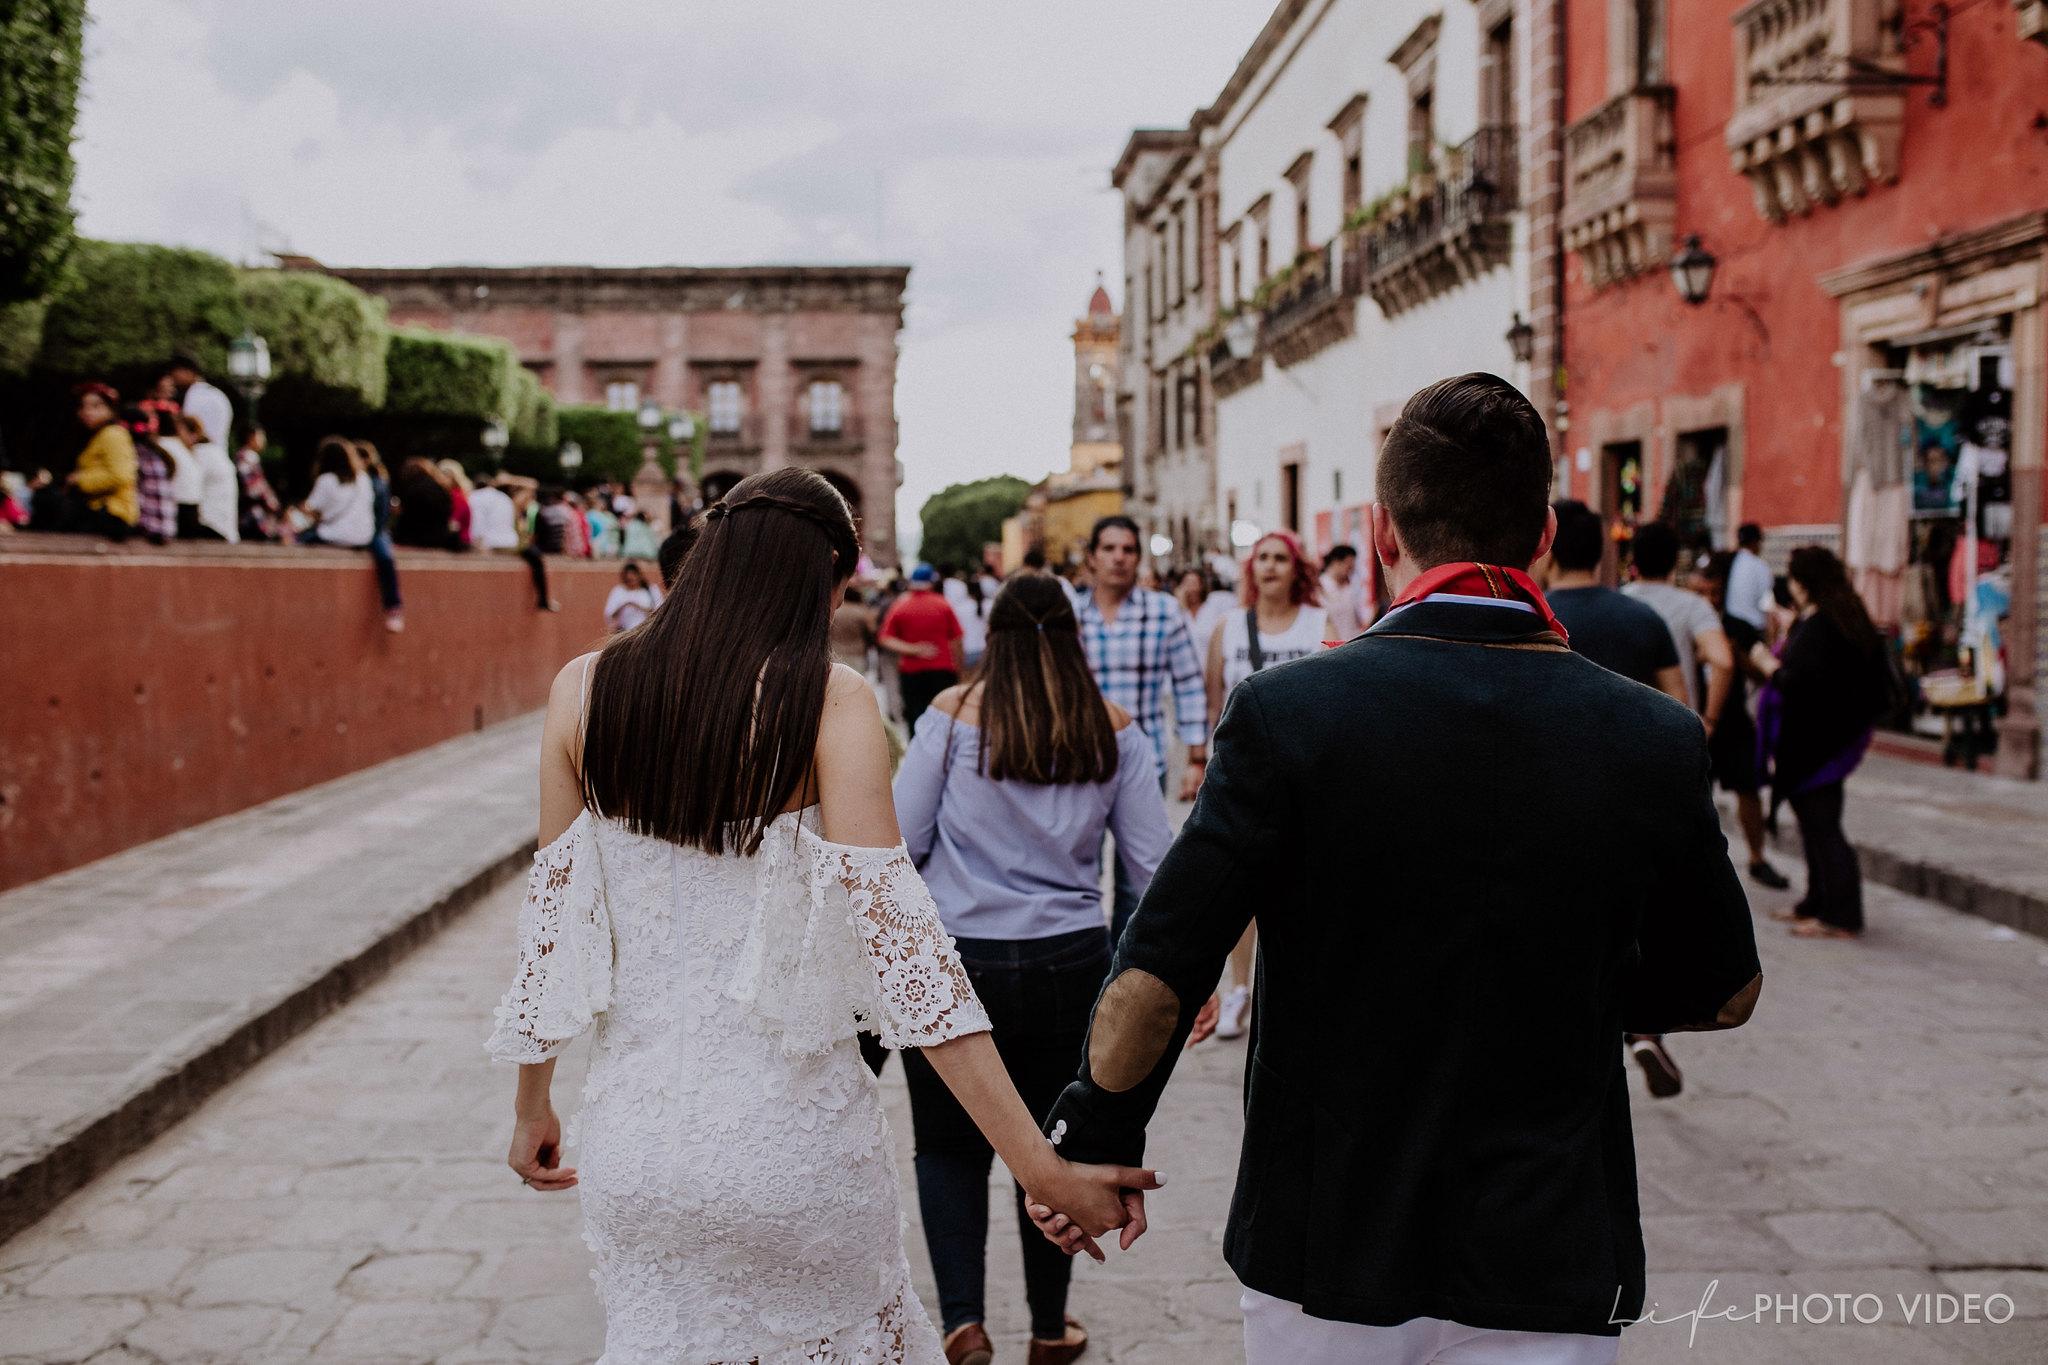 SanMigueldeAllende_Wedding_Callejoneada_Vaquillada_0078